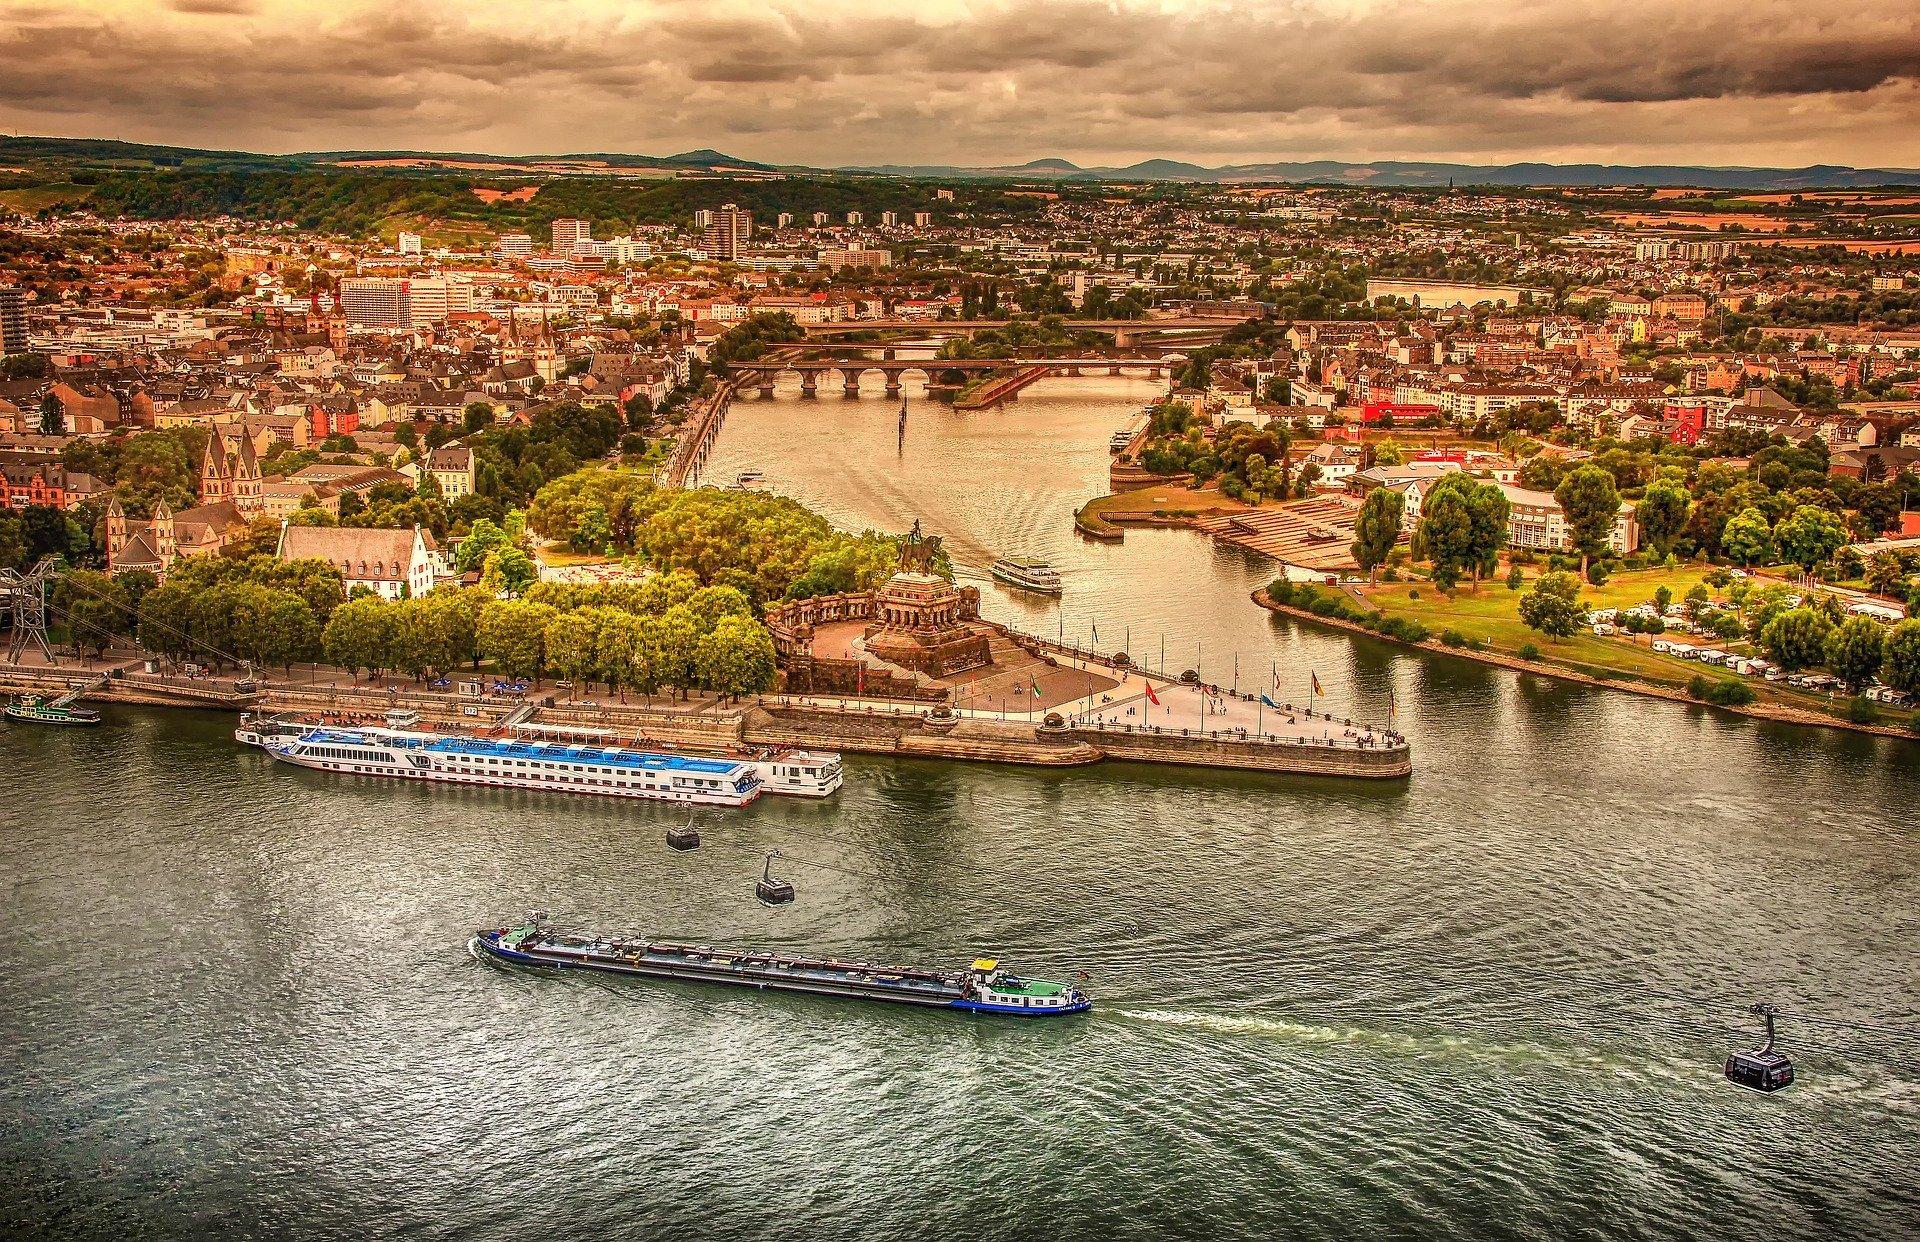 Blick auf deutsches Eck in Koblenz